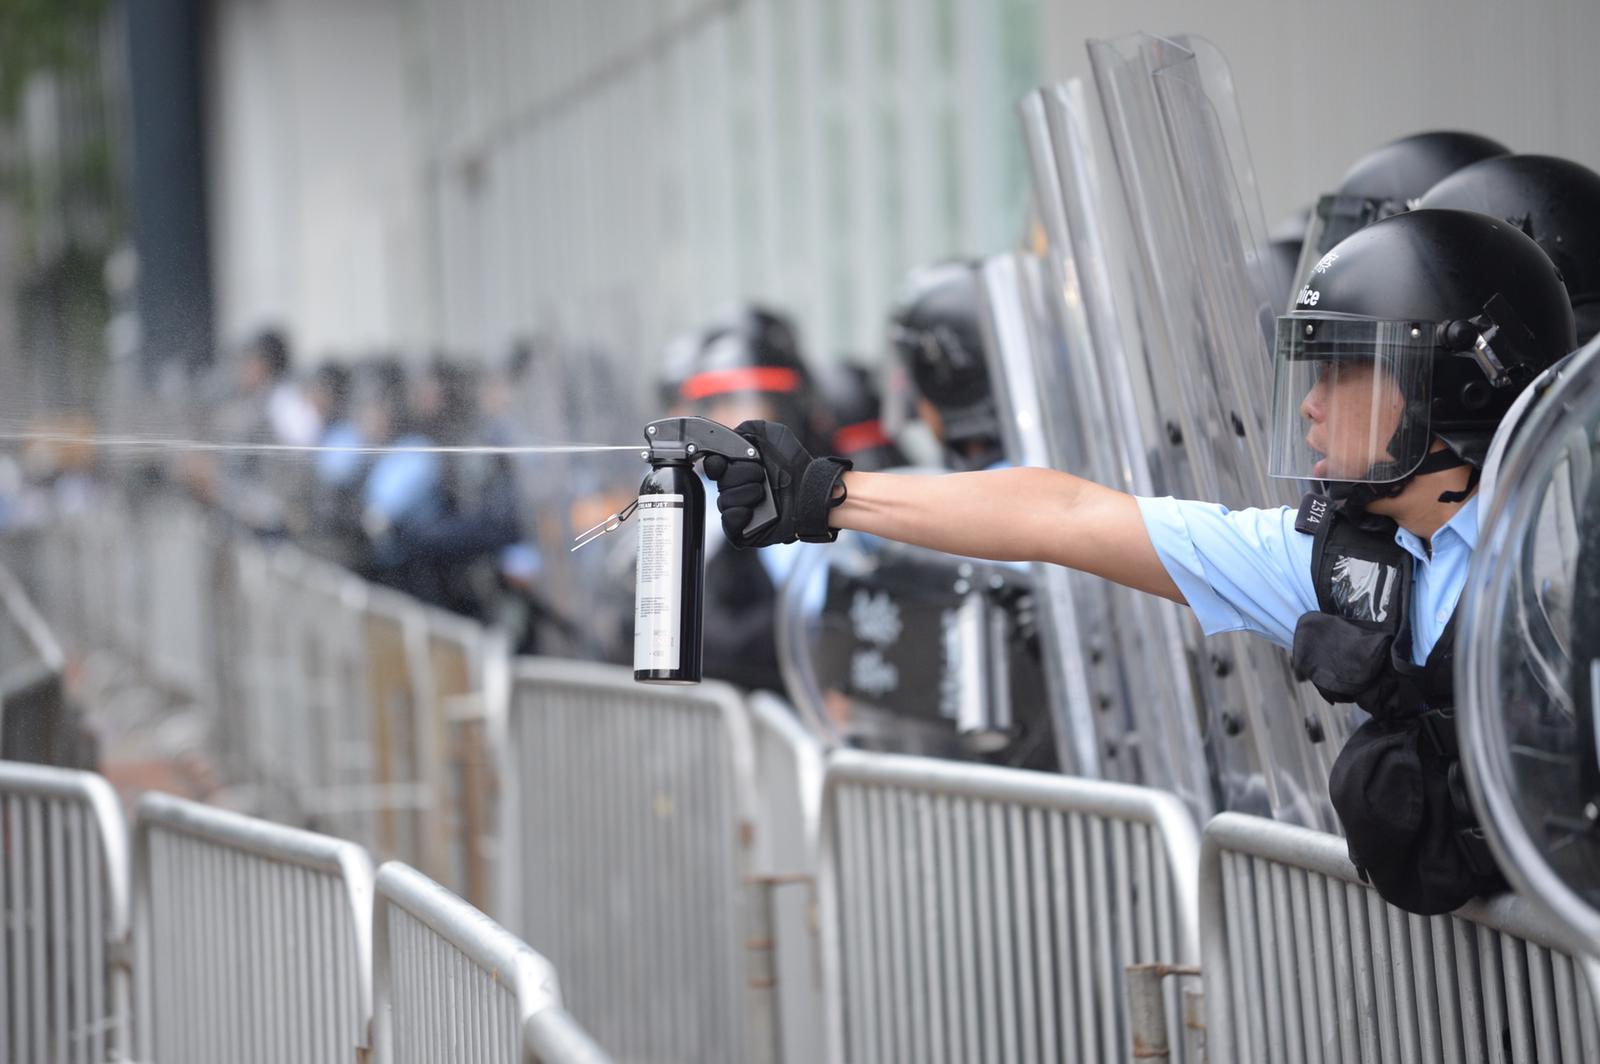 【逃犯條例】警方指示威者放火鐵枝磚頭襲警 警告無效遂提升武力